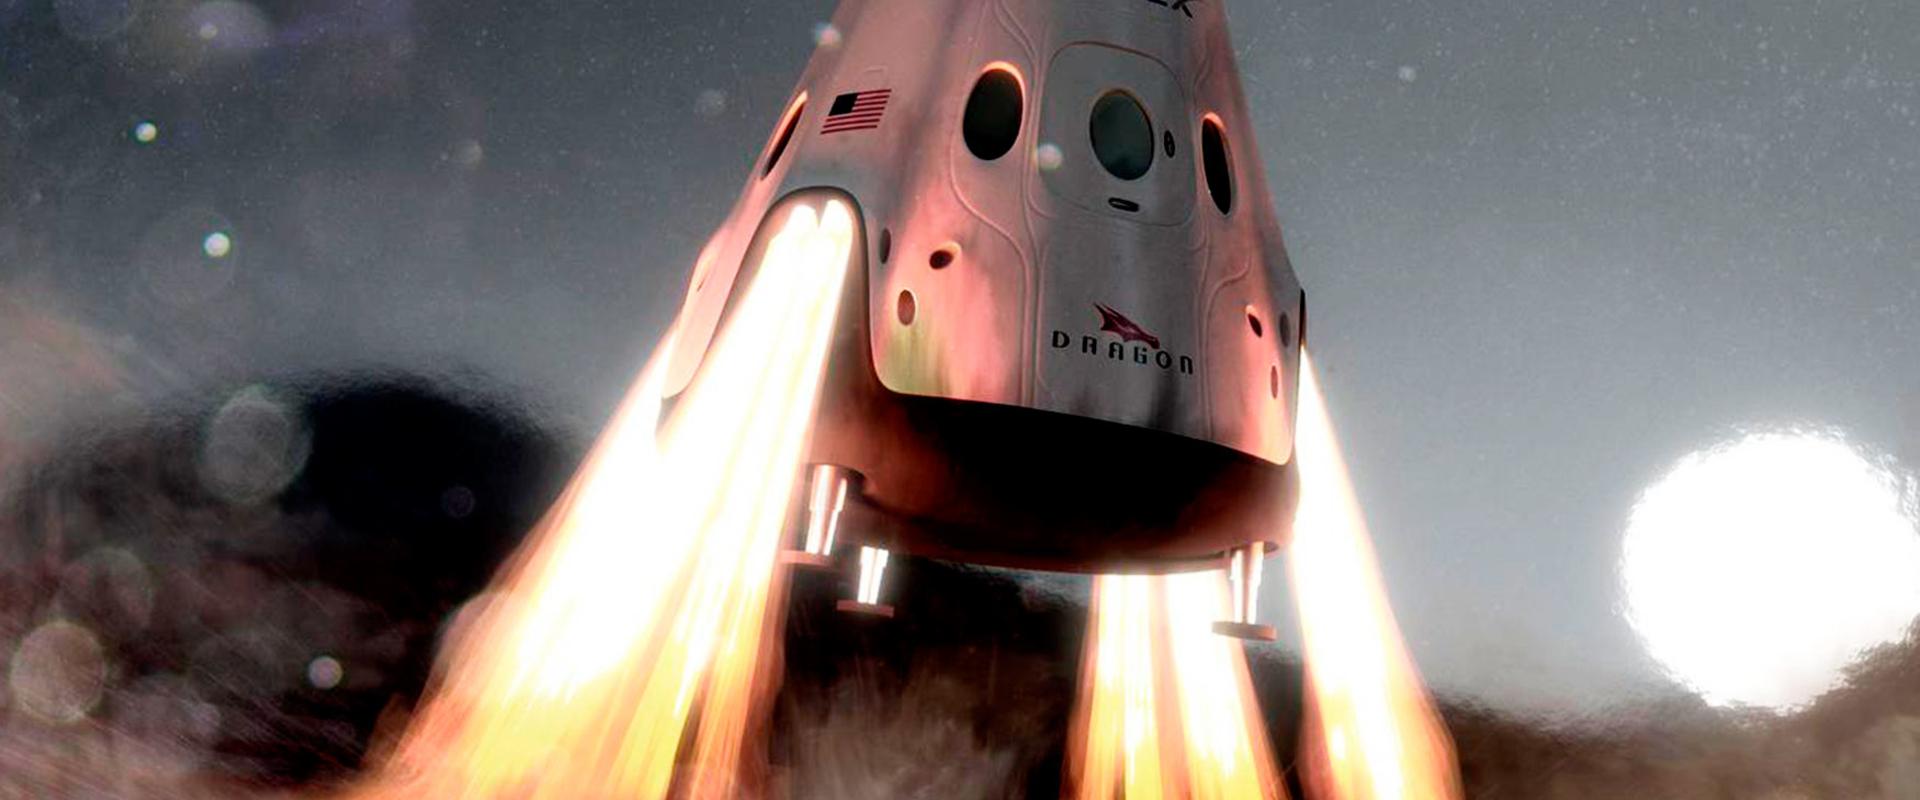 Илон Маск анонсировал полет Crew Dragon к МКС в феврале 2019 года